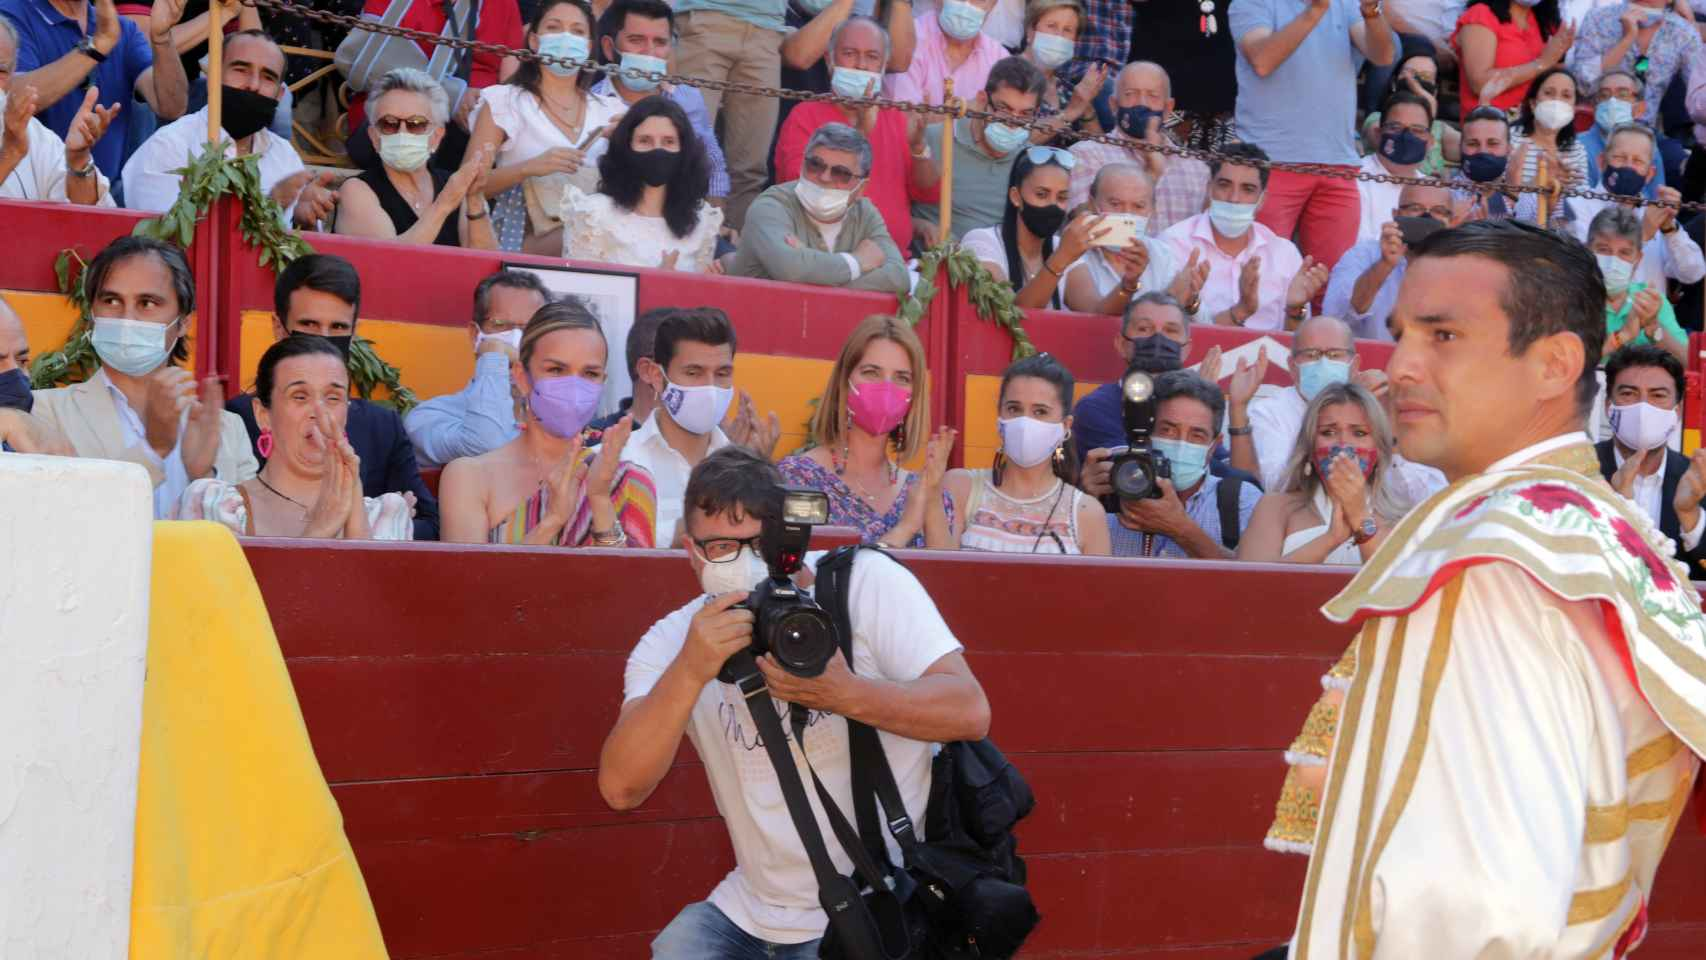 Manzanares, visiblemente emocionado en la corrida homenaje a su padre.